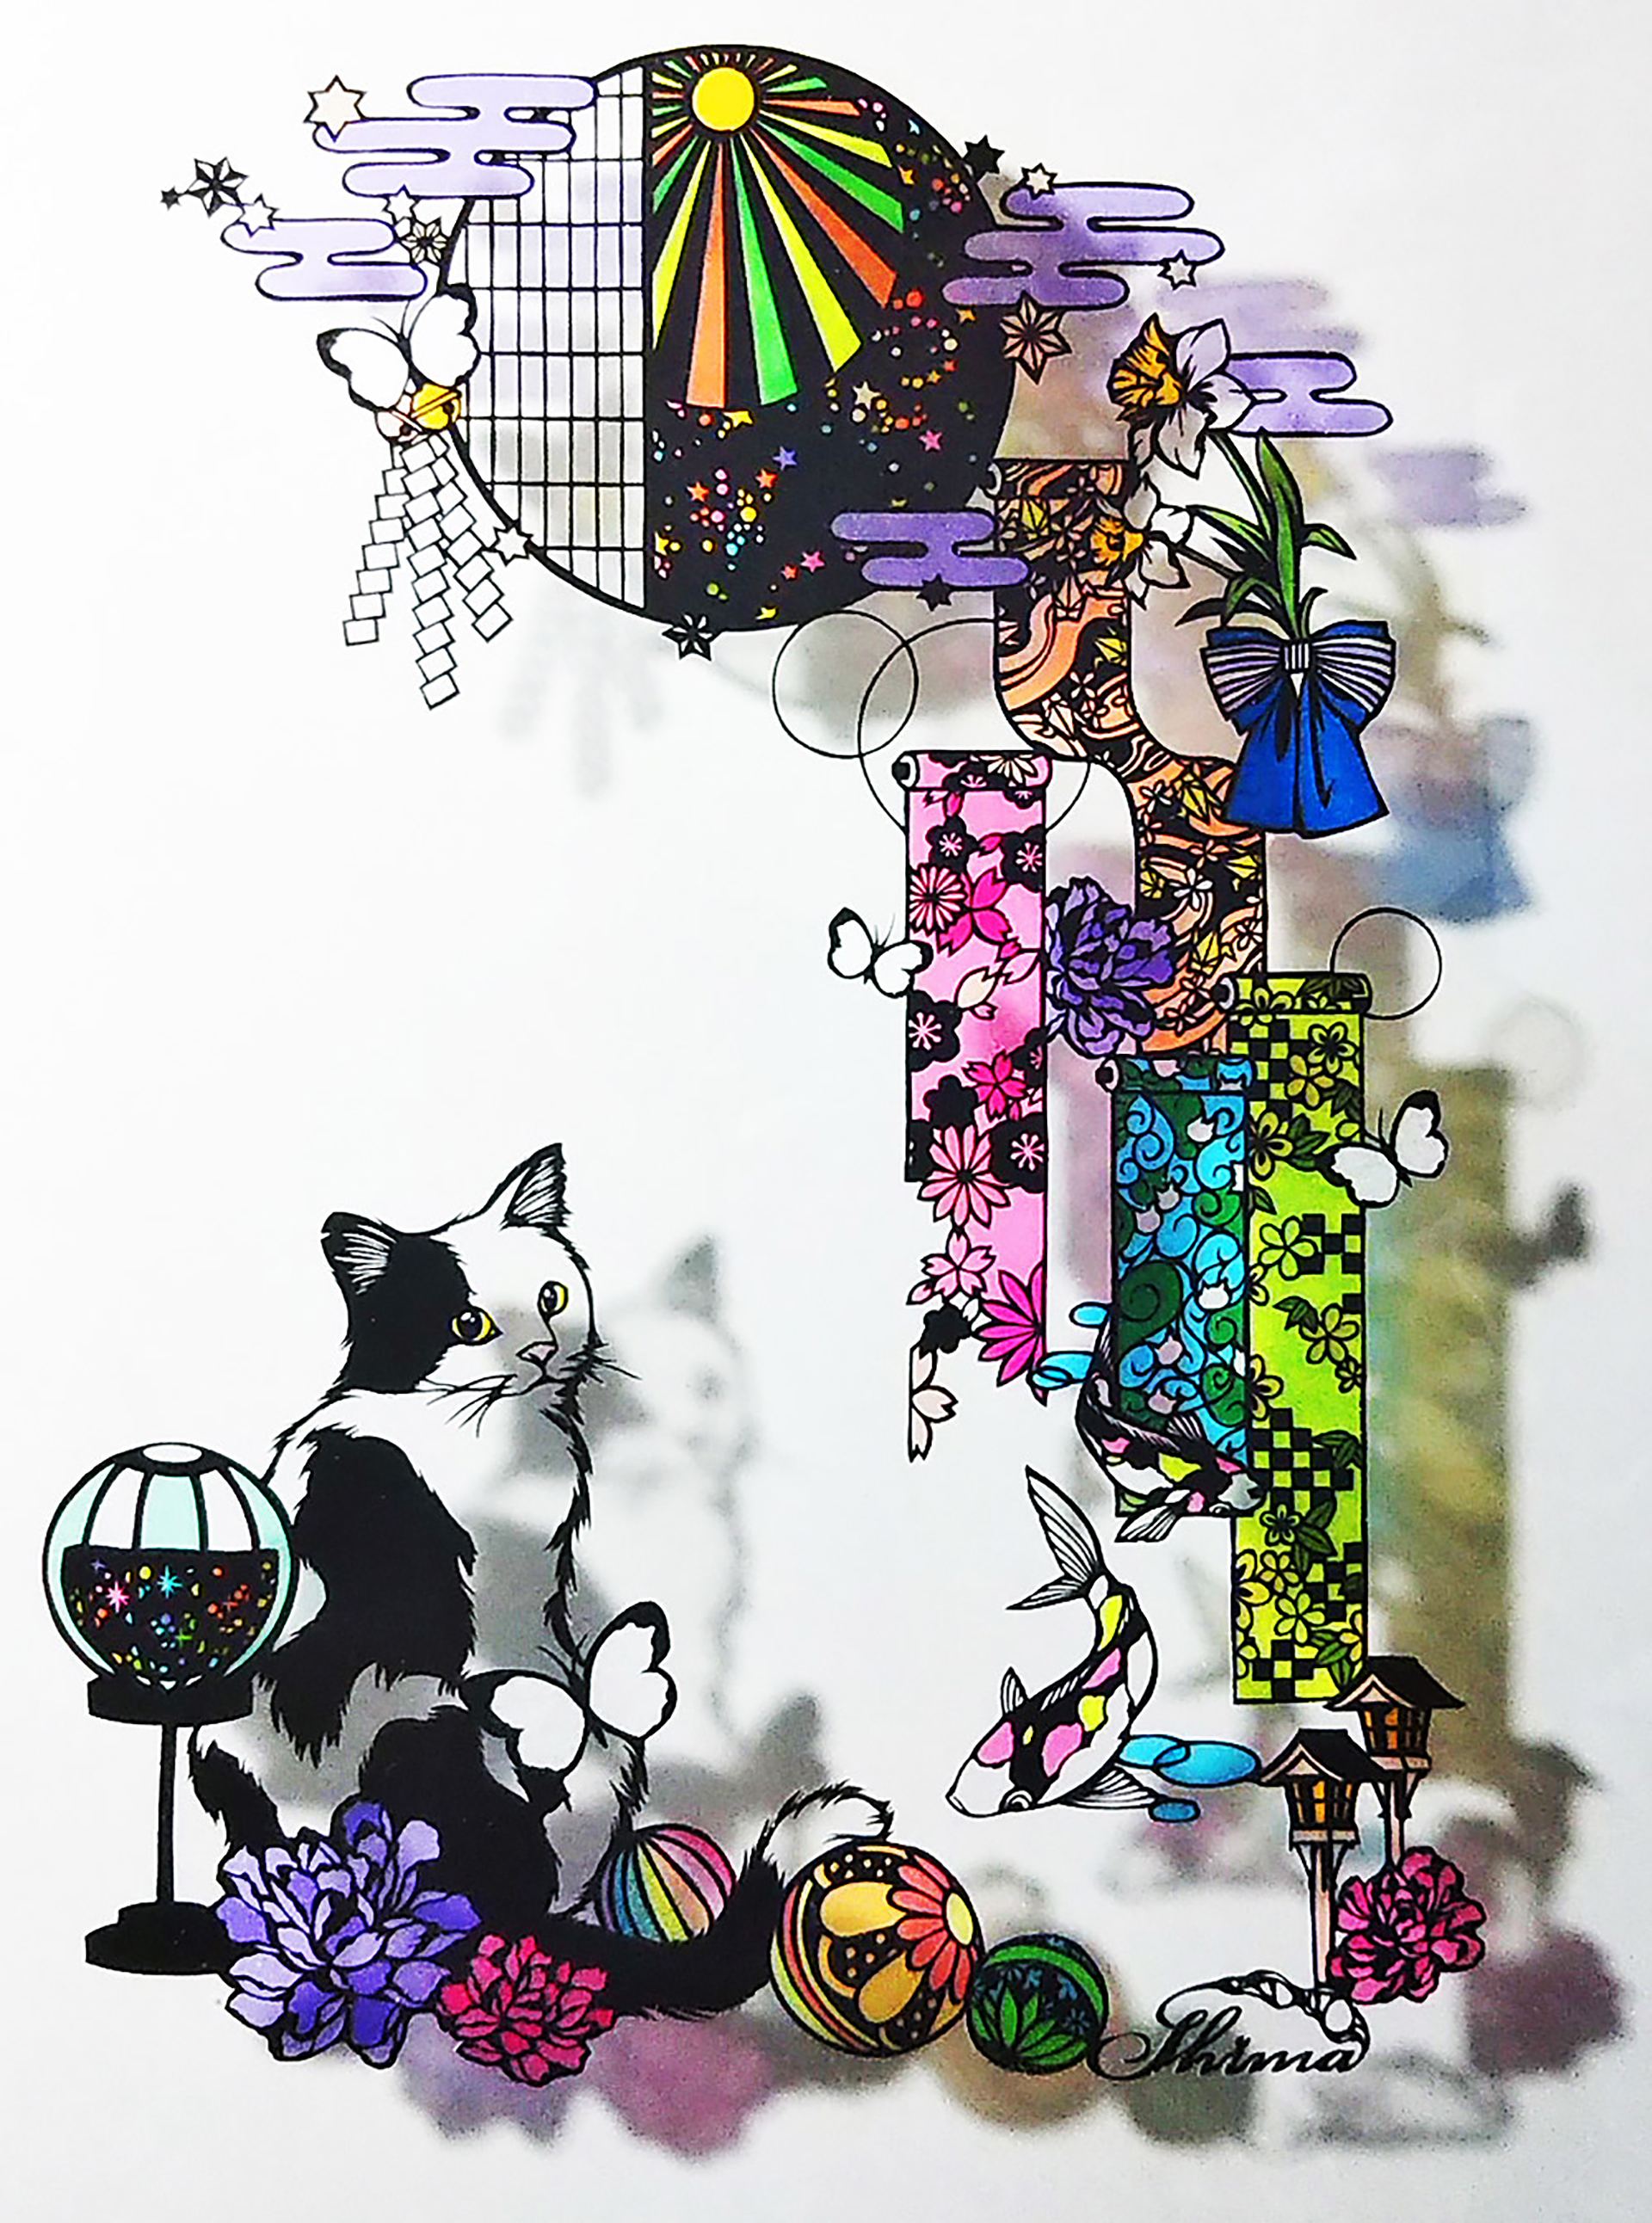 第5回 Shima 切り絵作品展  切り絵作家 Shima 個展 『夢色』